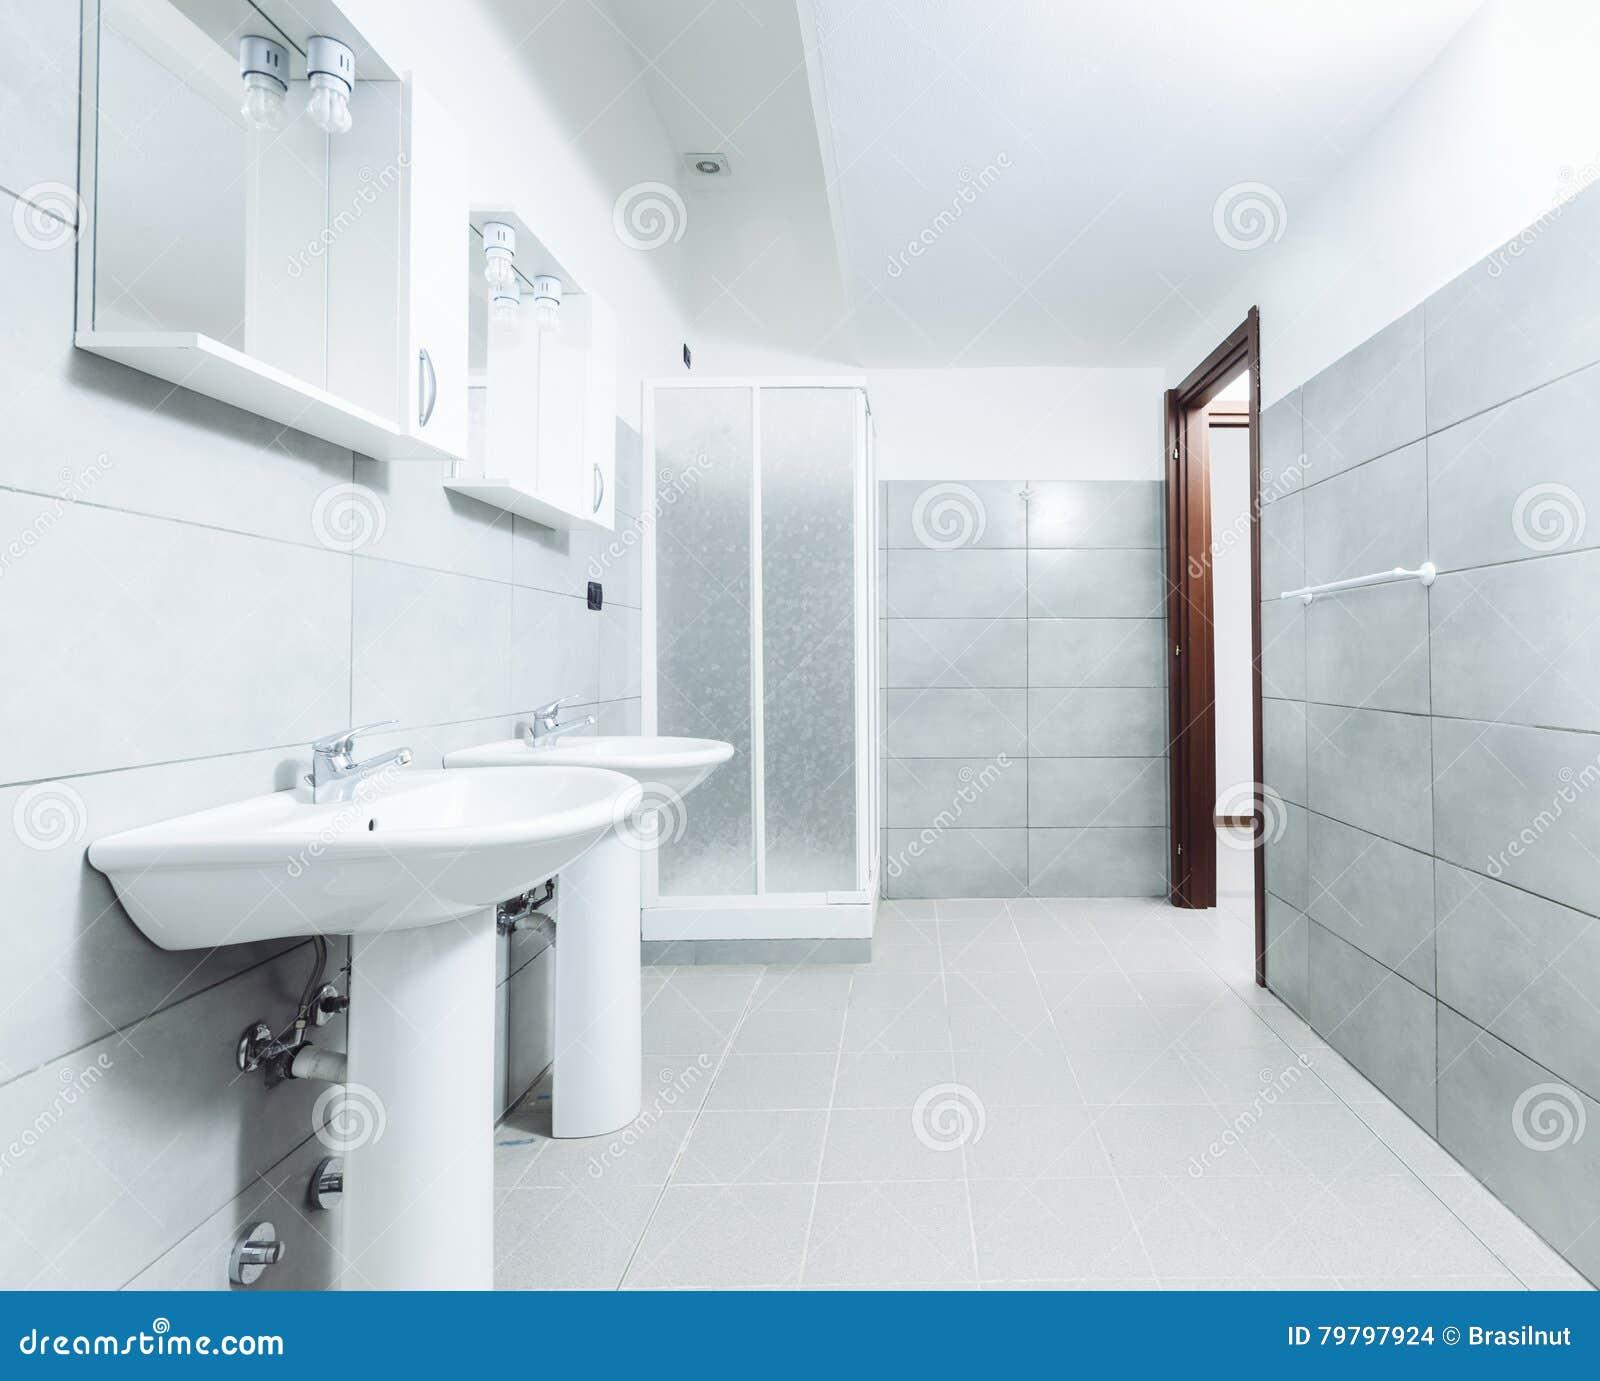 Modernes Stilvolles Badezimmer Geschossen Mit ...